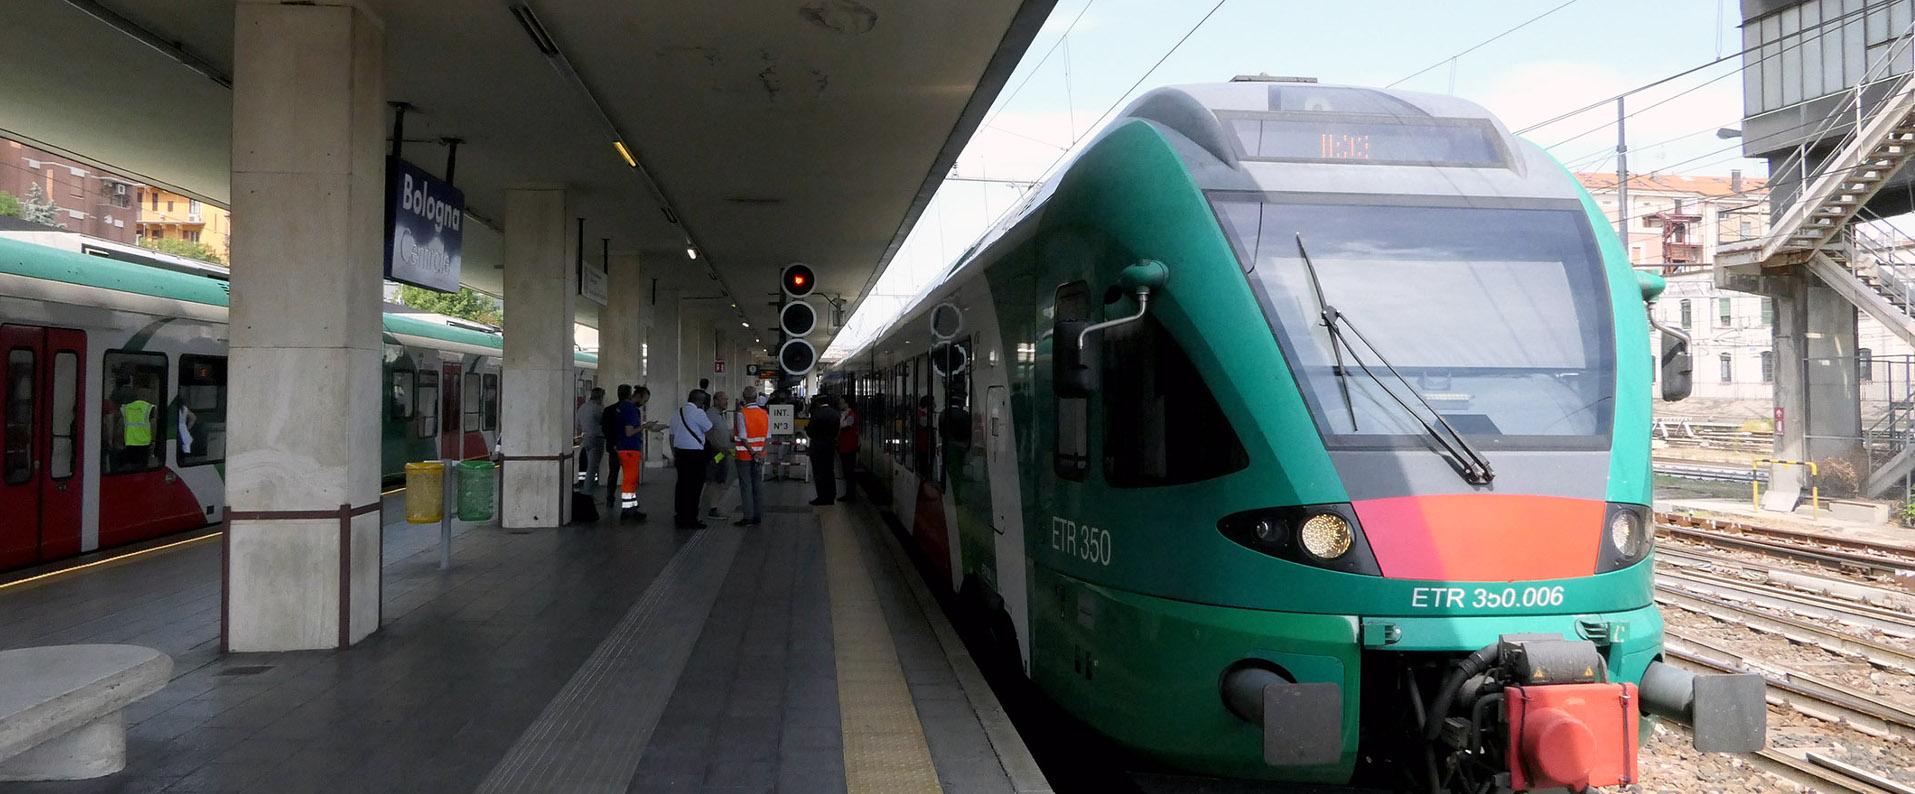 treno in stazione